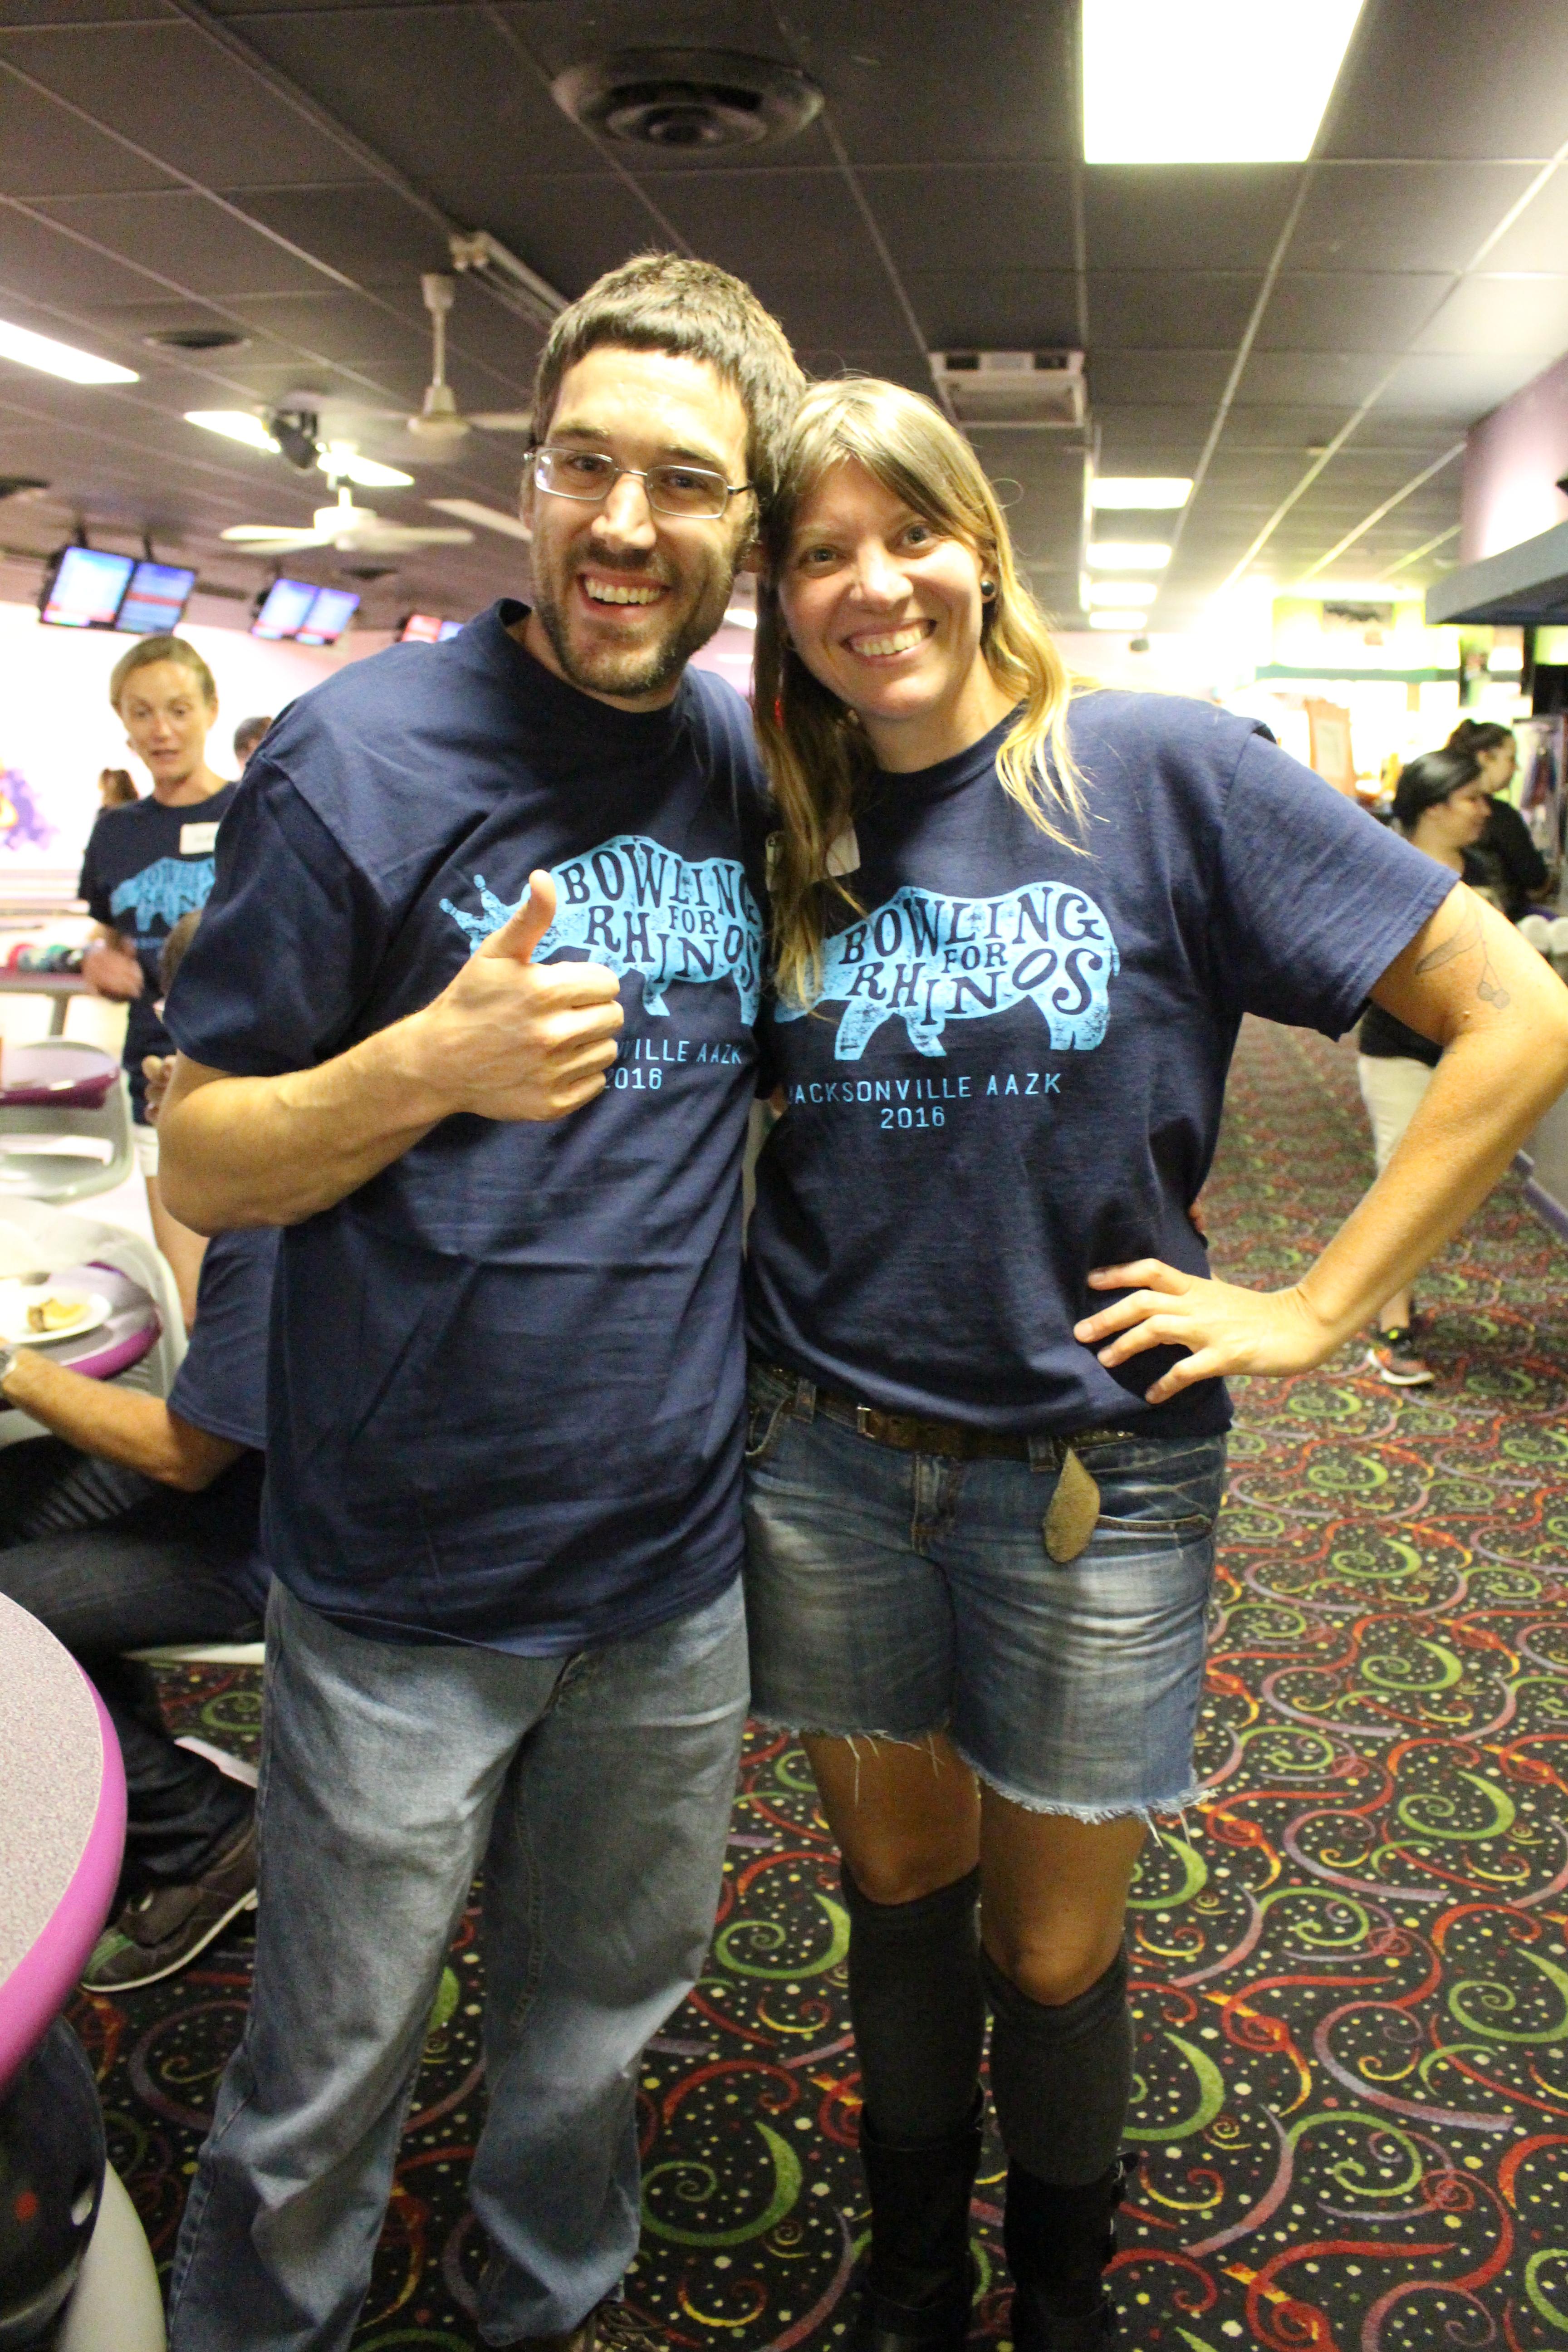 Bowling For Rhinos, rhino conservation, Jacksonville Zoo, rhino shirt